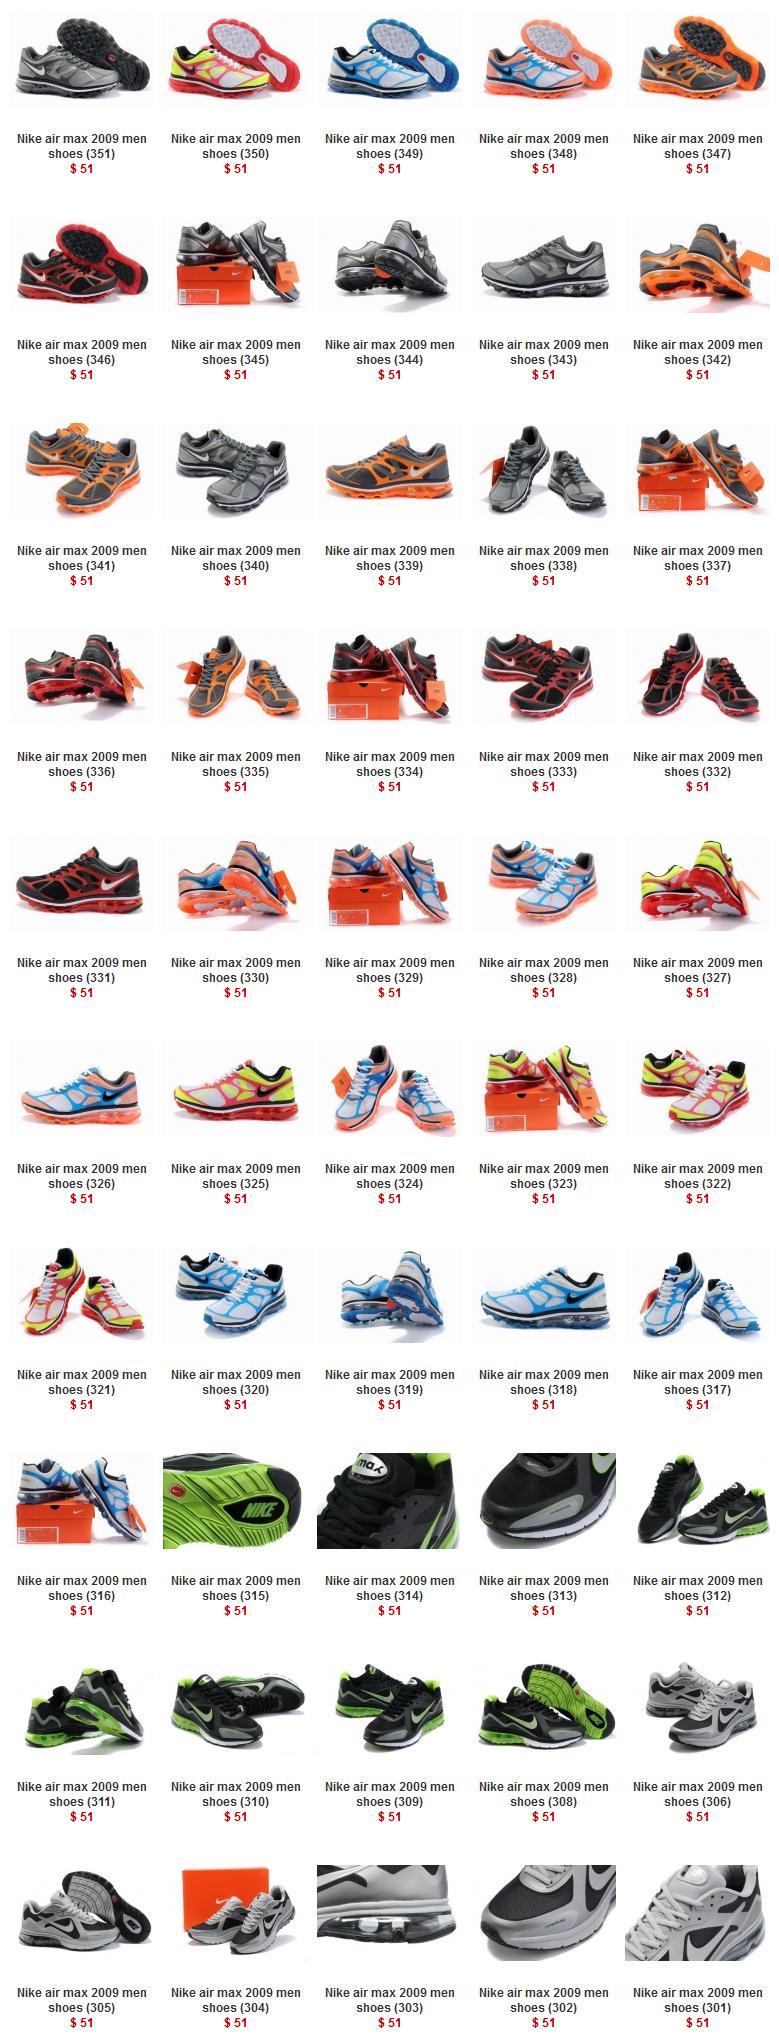 Nike air max 2009 men shoes size below: